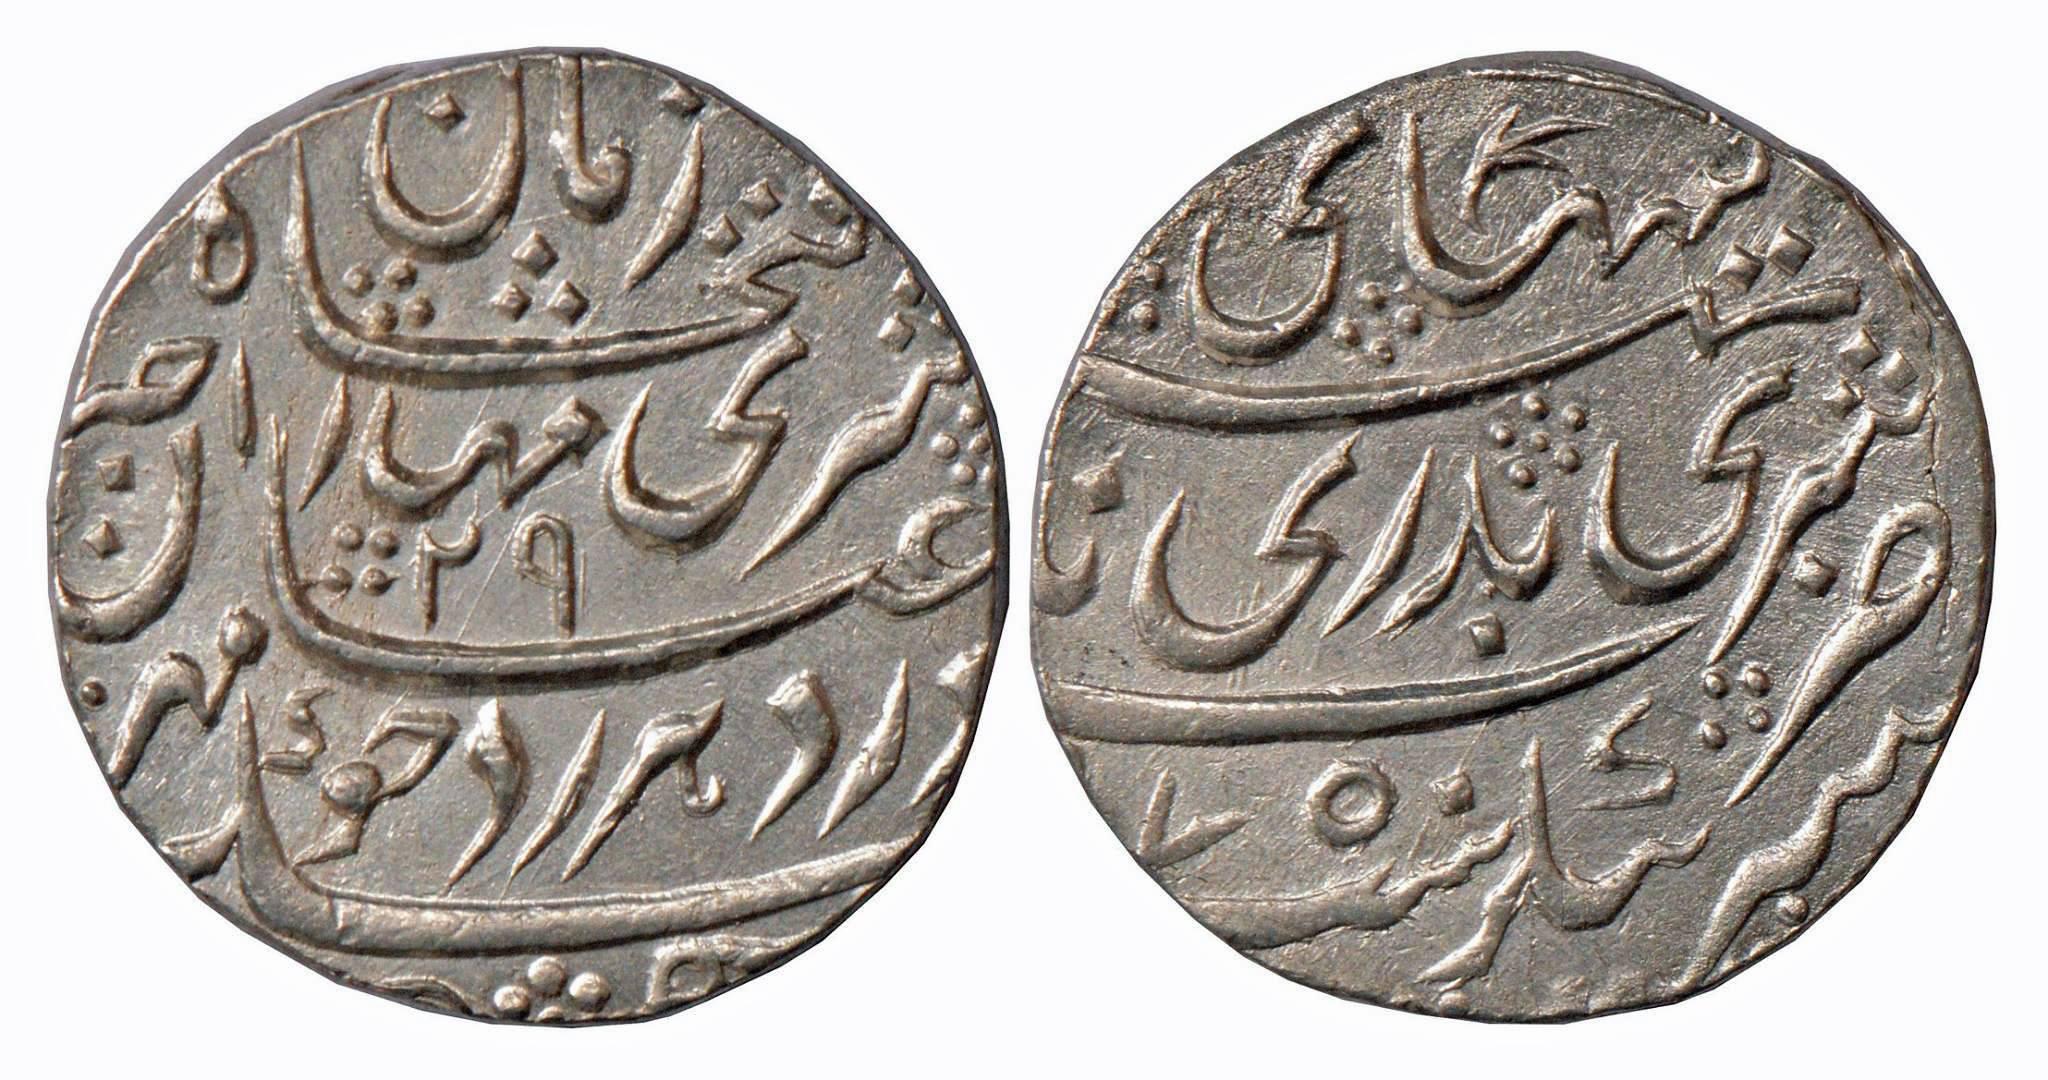 फतेशाहचा १६९३ सालातला फारसी रुपया